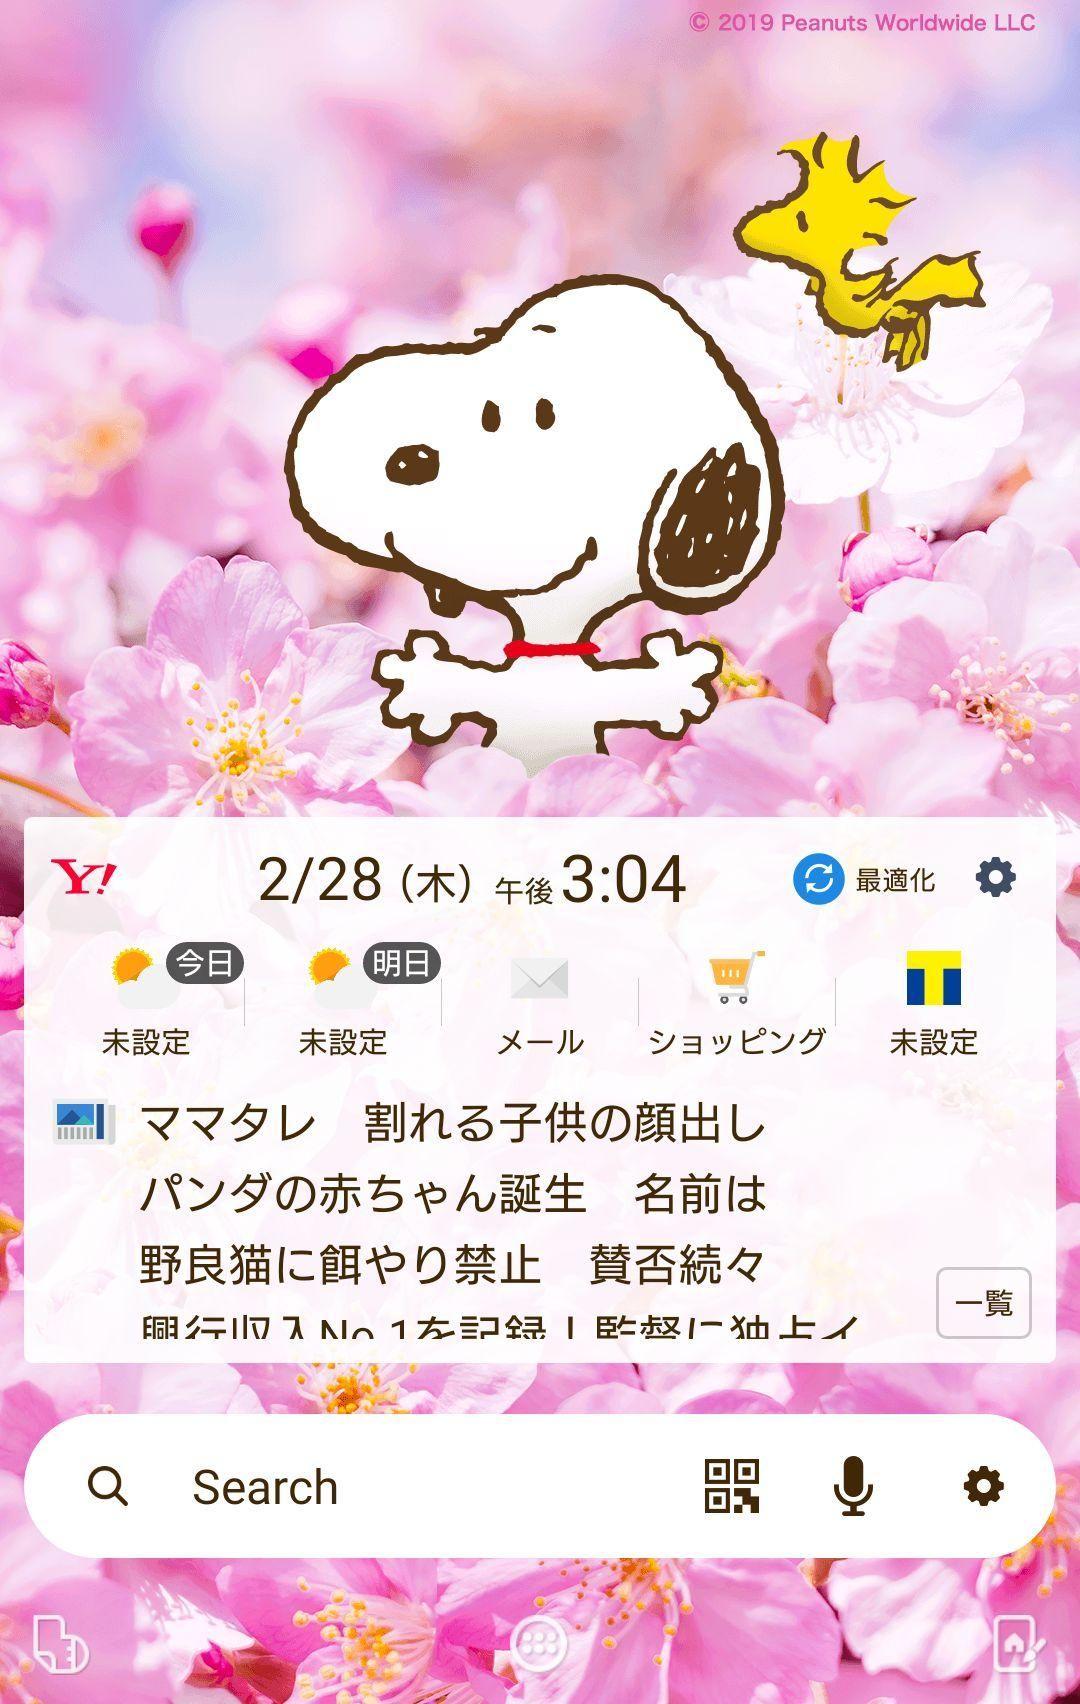 スヌーピーの公式きせかえテーマに春の桜デザインが新登場 壁紙 アイコン スマホきせかえ Yahoo きせかえアプリ きせかえ 壁紙 春 壁紙